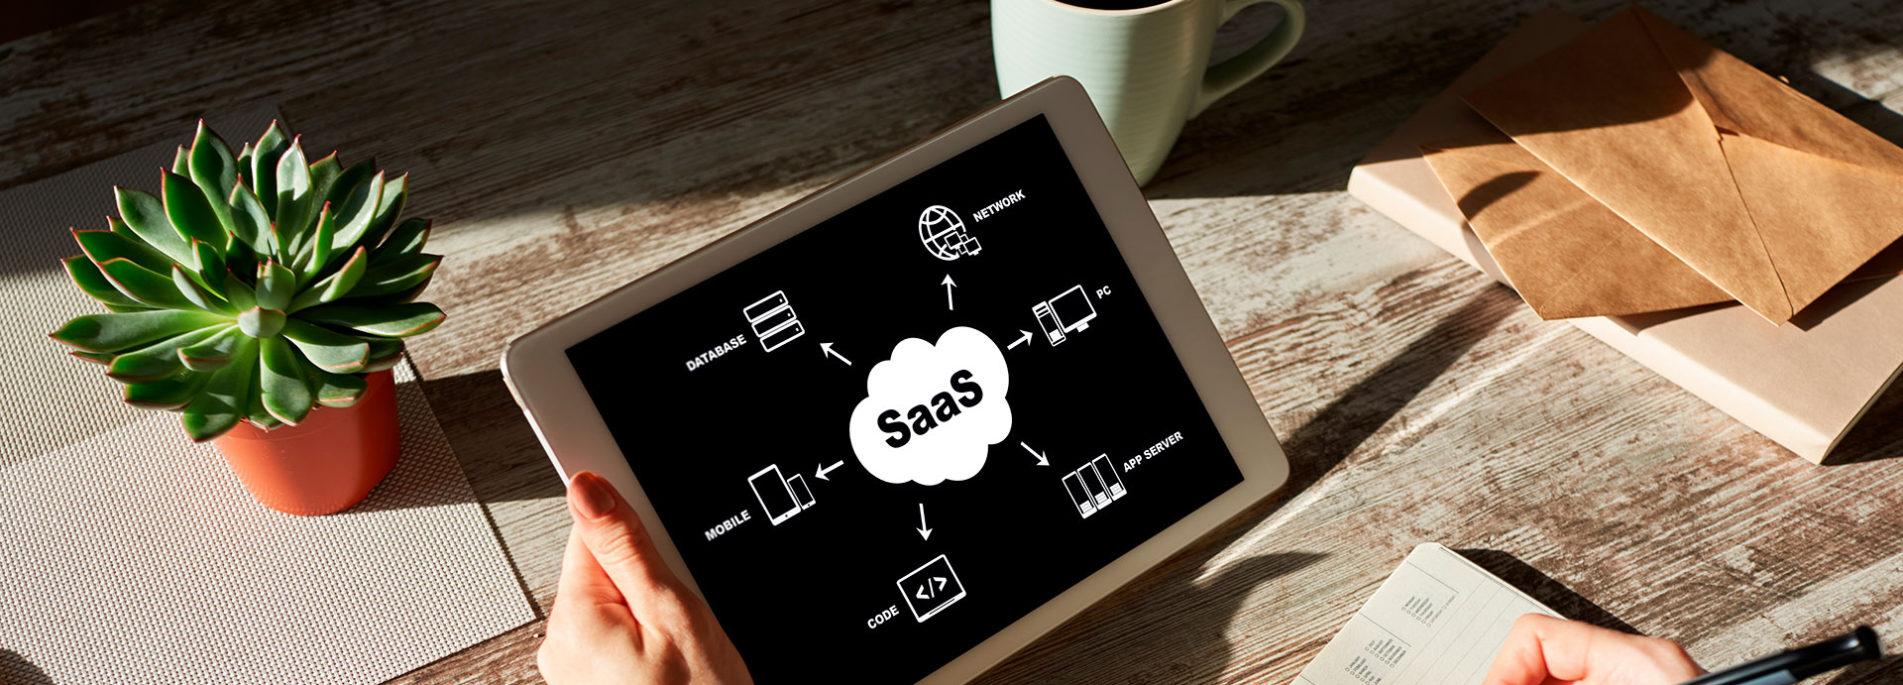 Quais tipos de empresas podem usar o SaaS? Será que ele é para meu pequeno negócio?